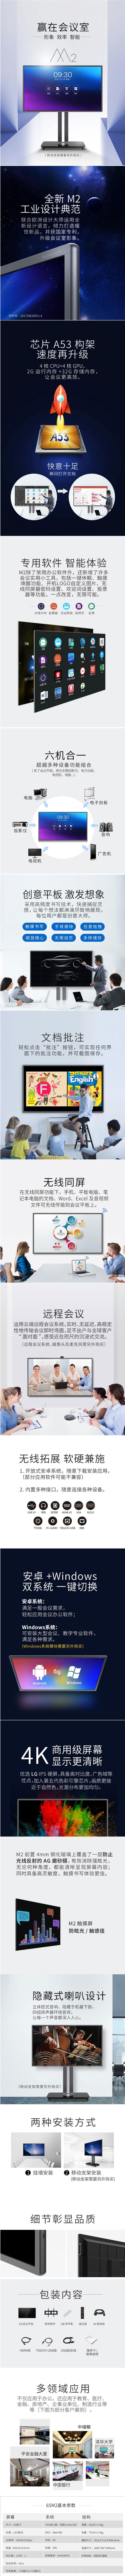 皓丽 65英寸 会议平板 智能电子白板 多媒体教学触屏触摸一体机 1